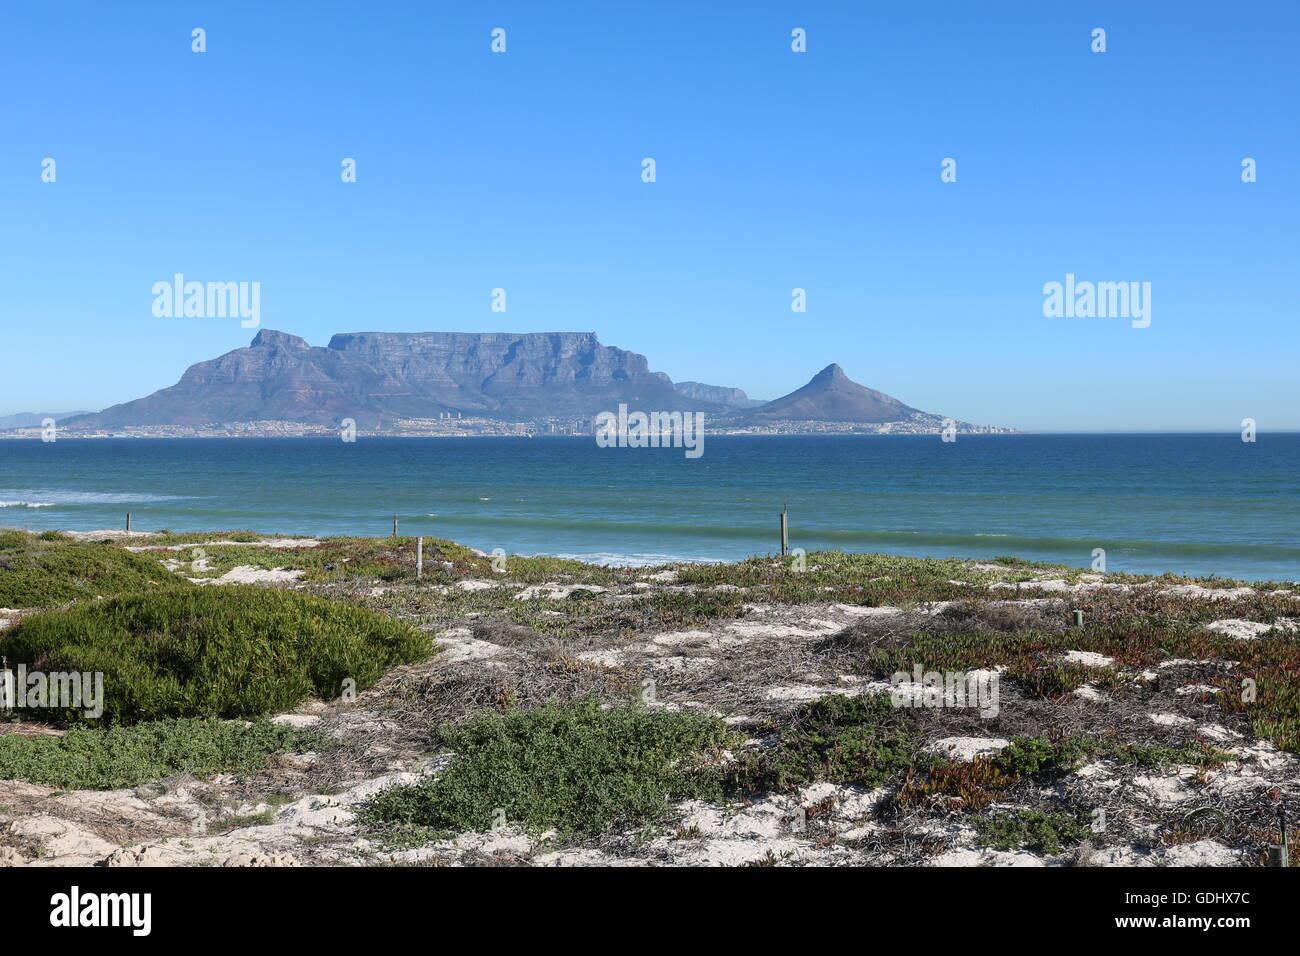 Table Mountain Cape Town South Africa Imagen De Stock